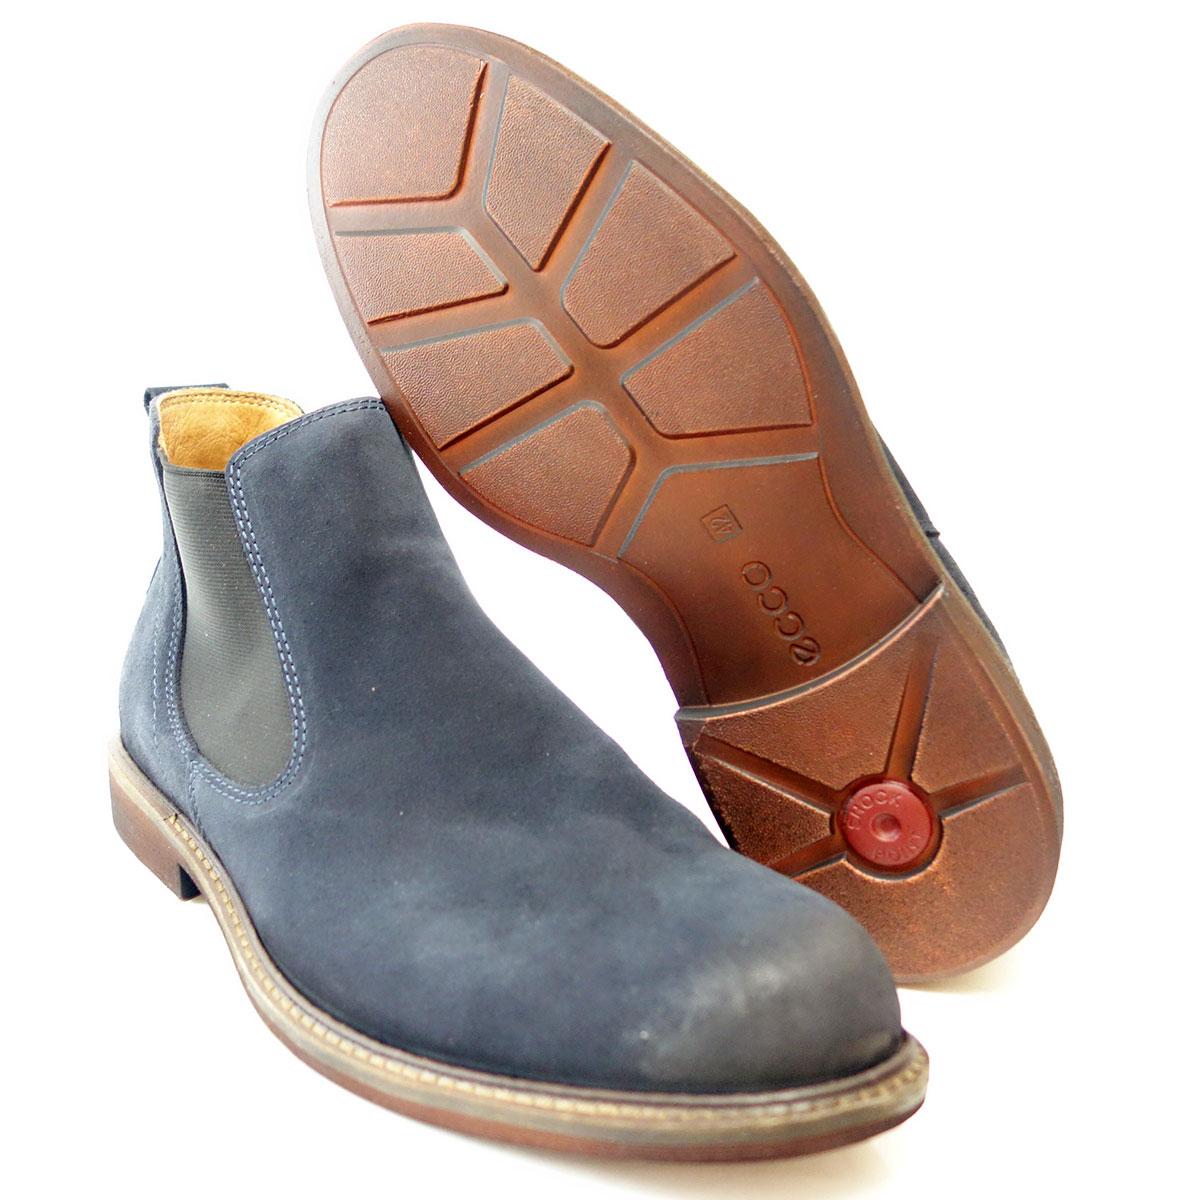 エコーECCO 633544 ネイビー(メンズ)ON&OFFもお洒落に履けるサイドゴアブーツクッションが良く、足にやさしくフィット「靴」